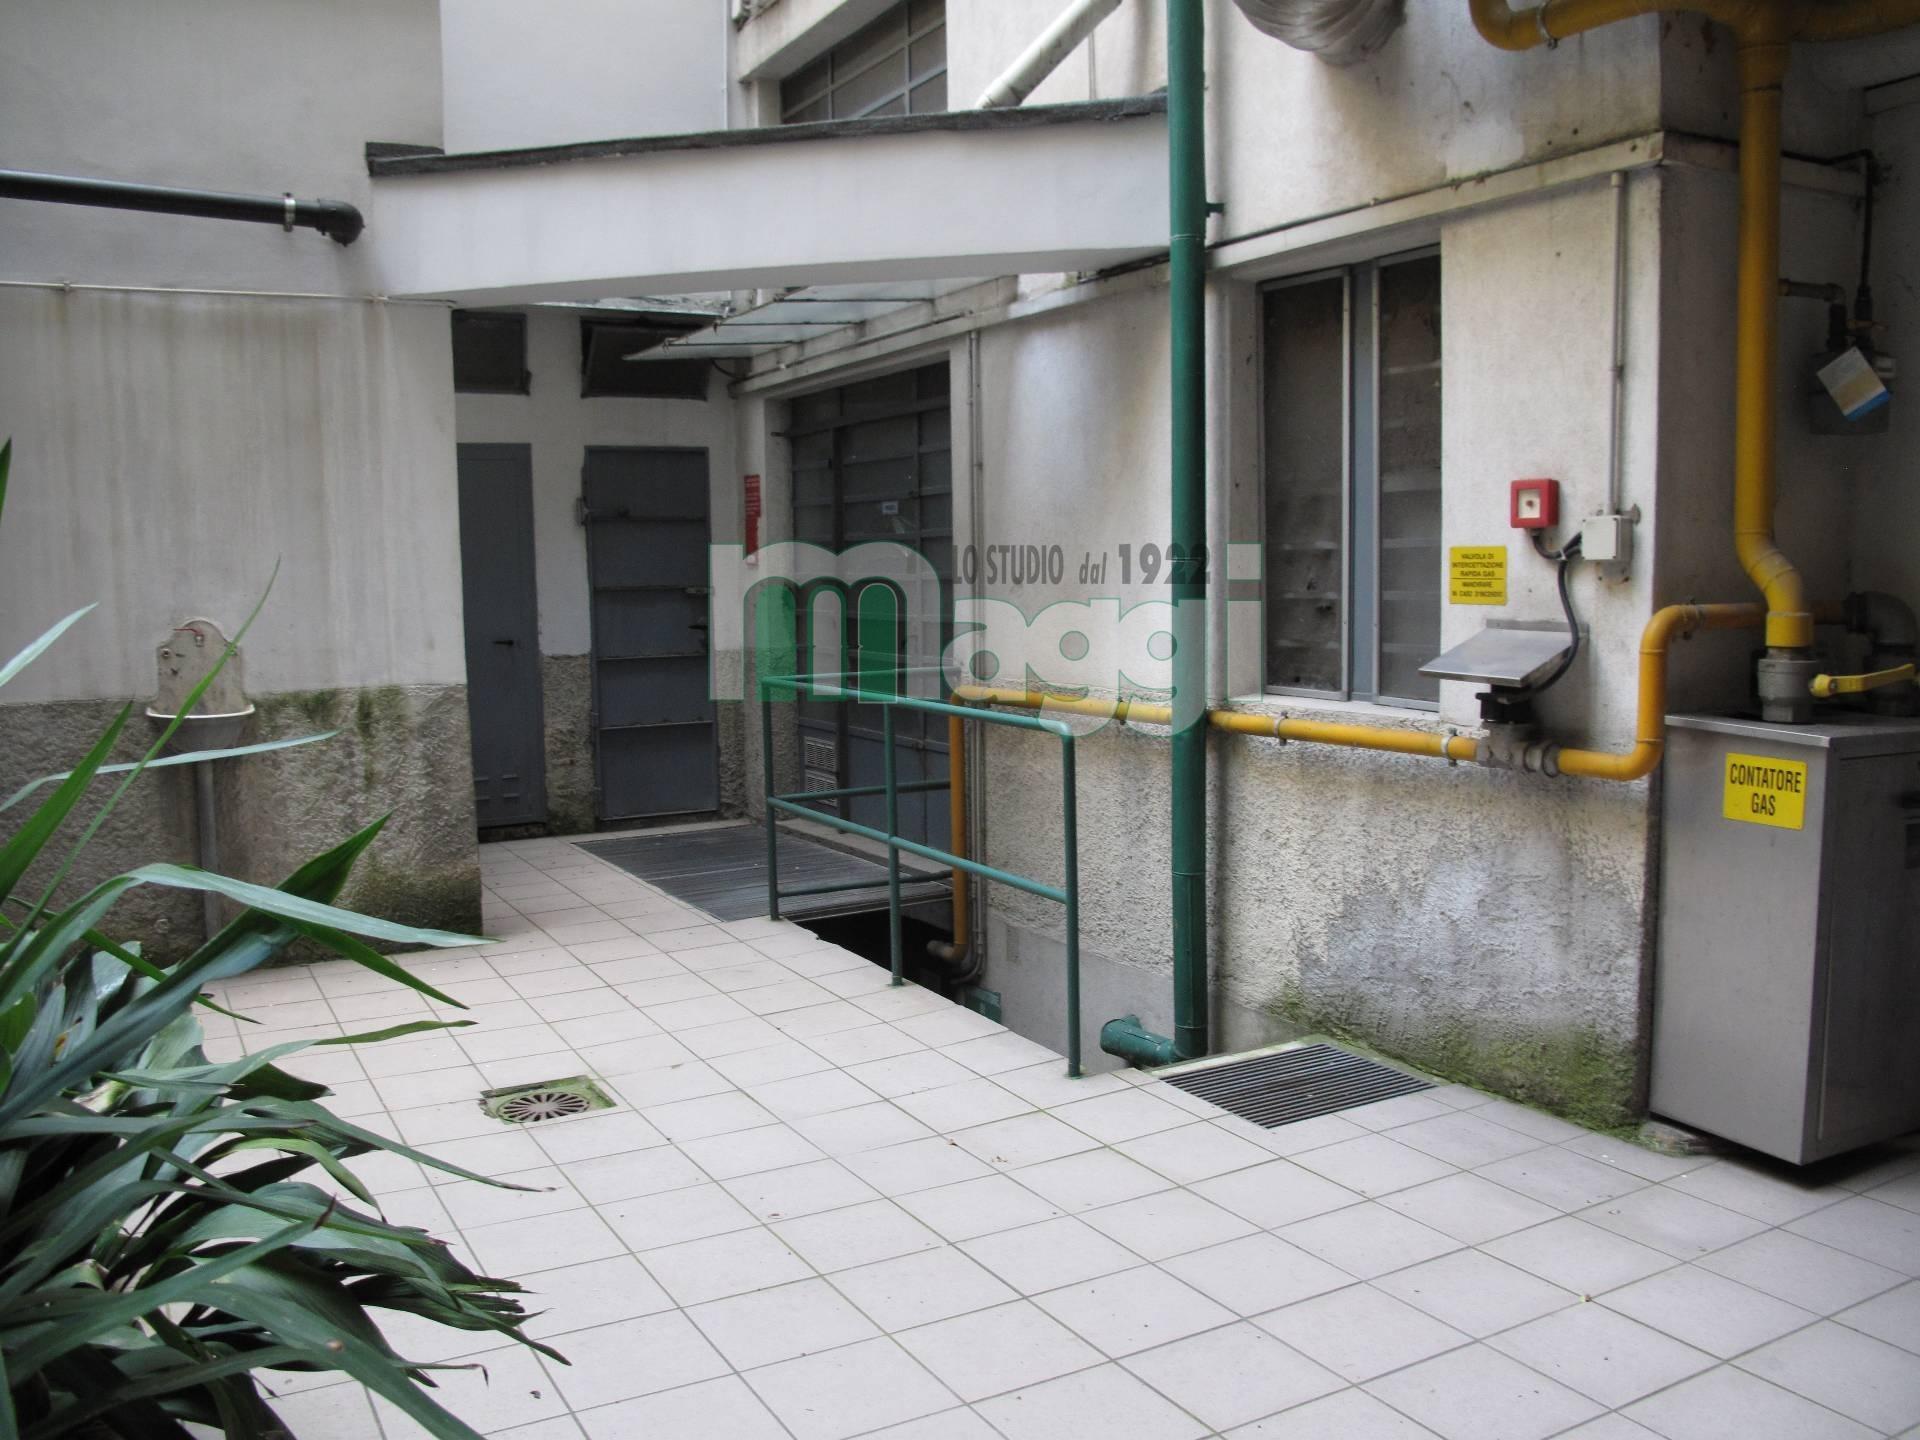 Laboratorio in Vendita a Milano 17 Marghera / Wagner / Fiera:  2 locali, 138 mq  - Foto 1